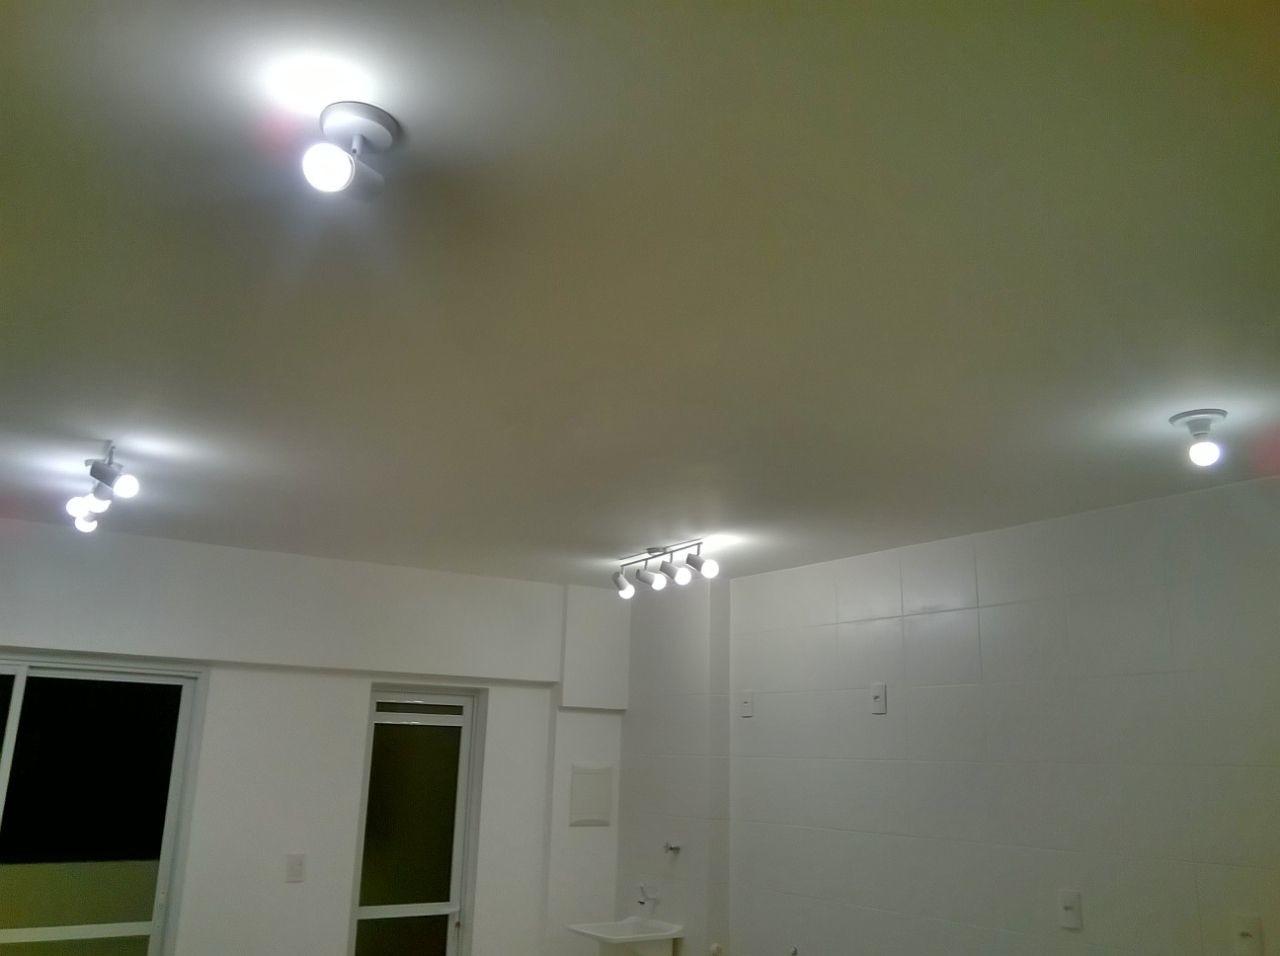 Iluminao Teto Gesso Sala Teto Rebaixado Com Gesso E Iluminao  -> Luminaria De Gesso Para Sala